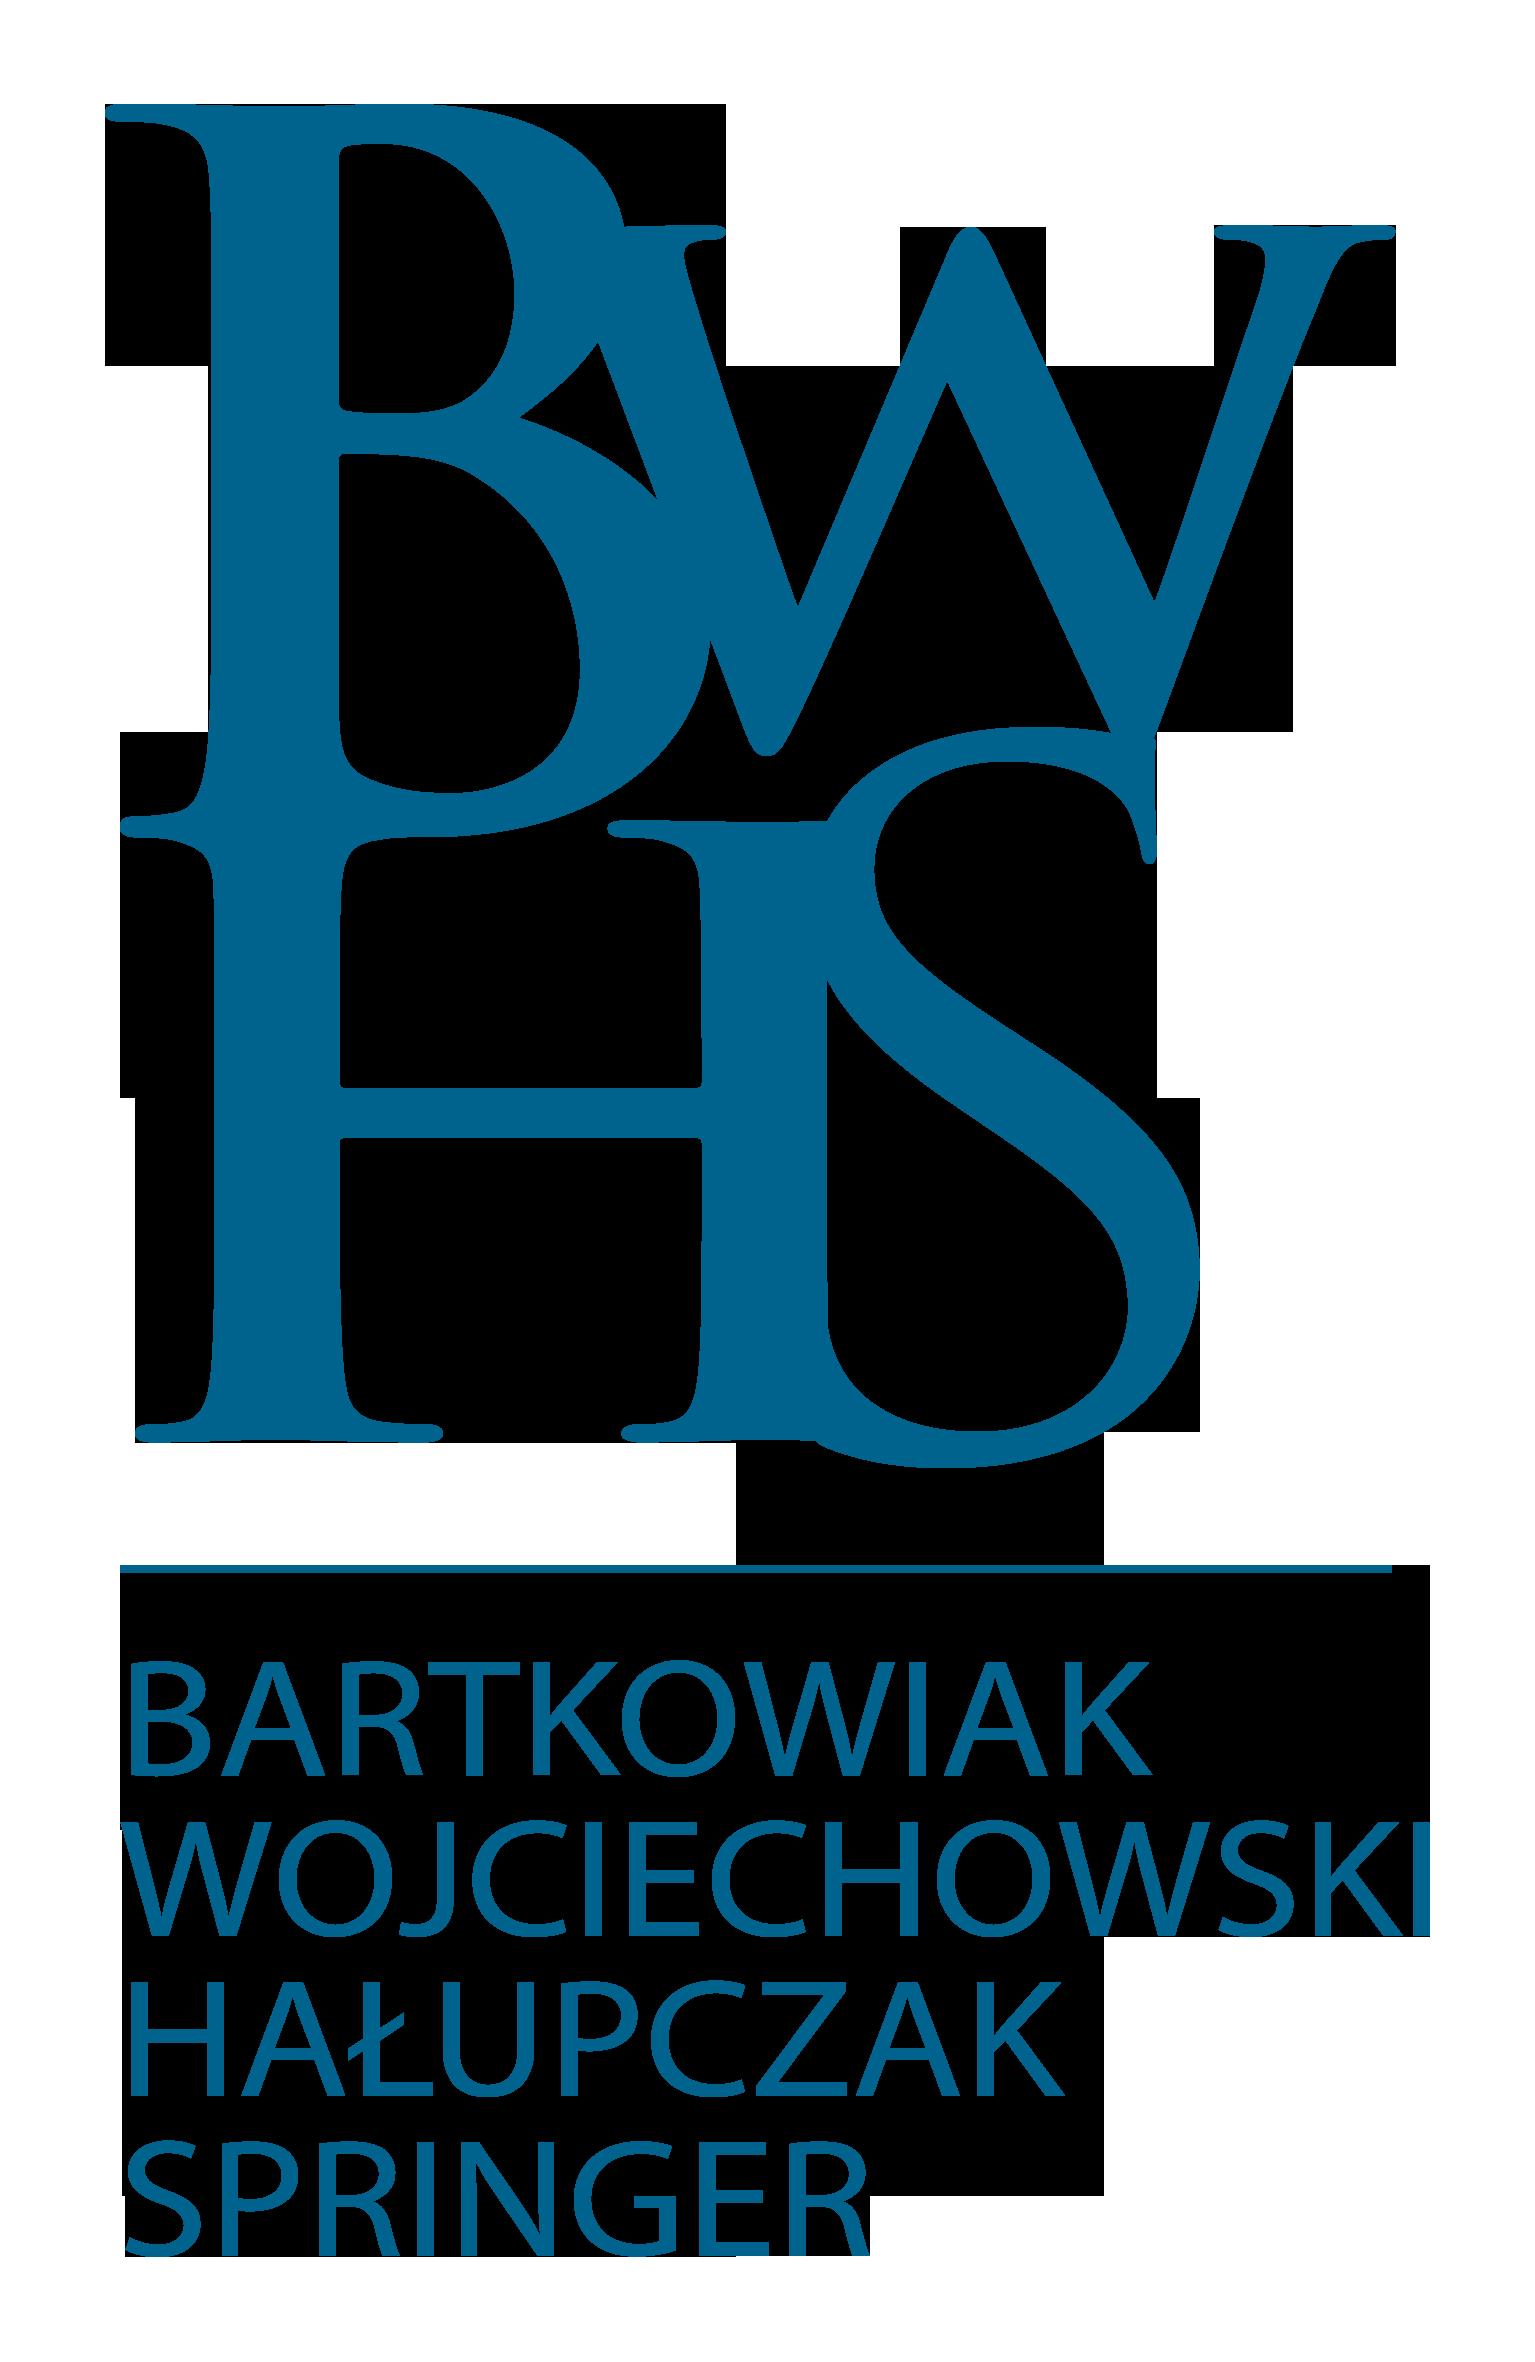 BWHS Bartkowiak Wojciechowski Hałupczak Springer